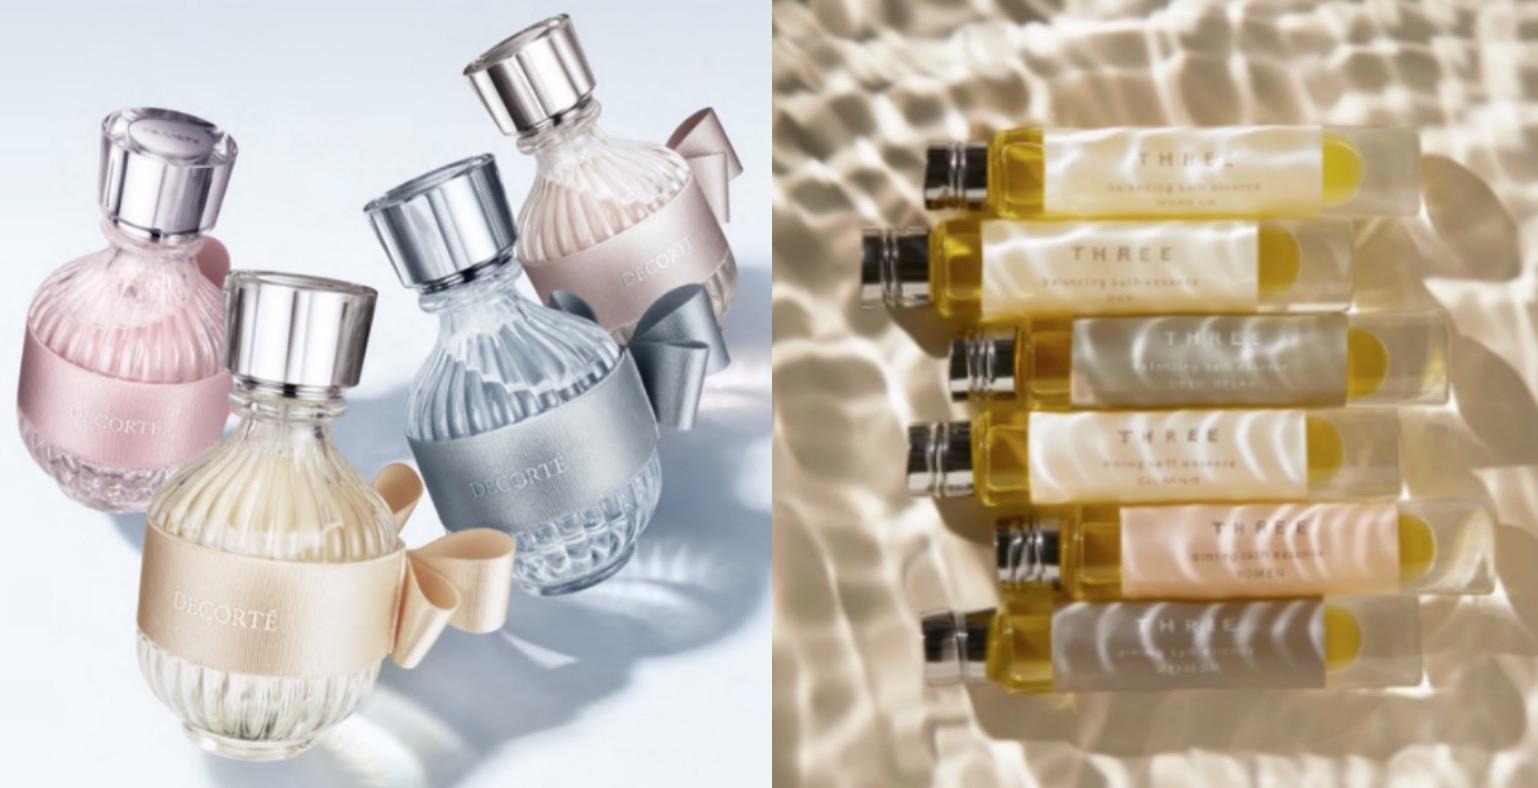 必收!6款能提升居家品味的「質感系香氛」!每個女人都值得擁有